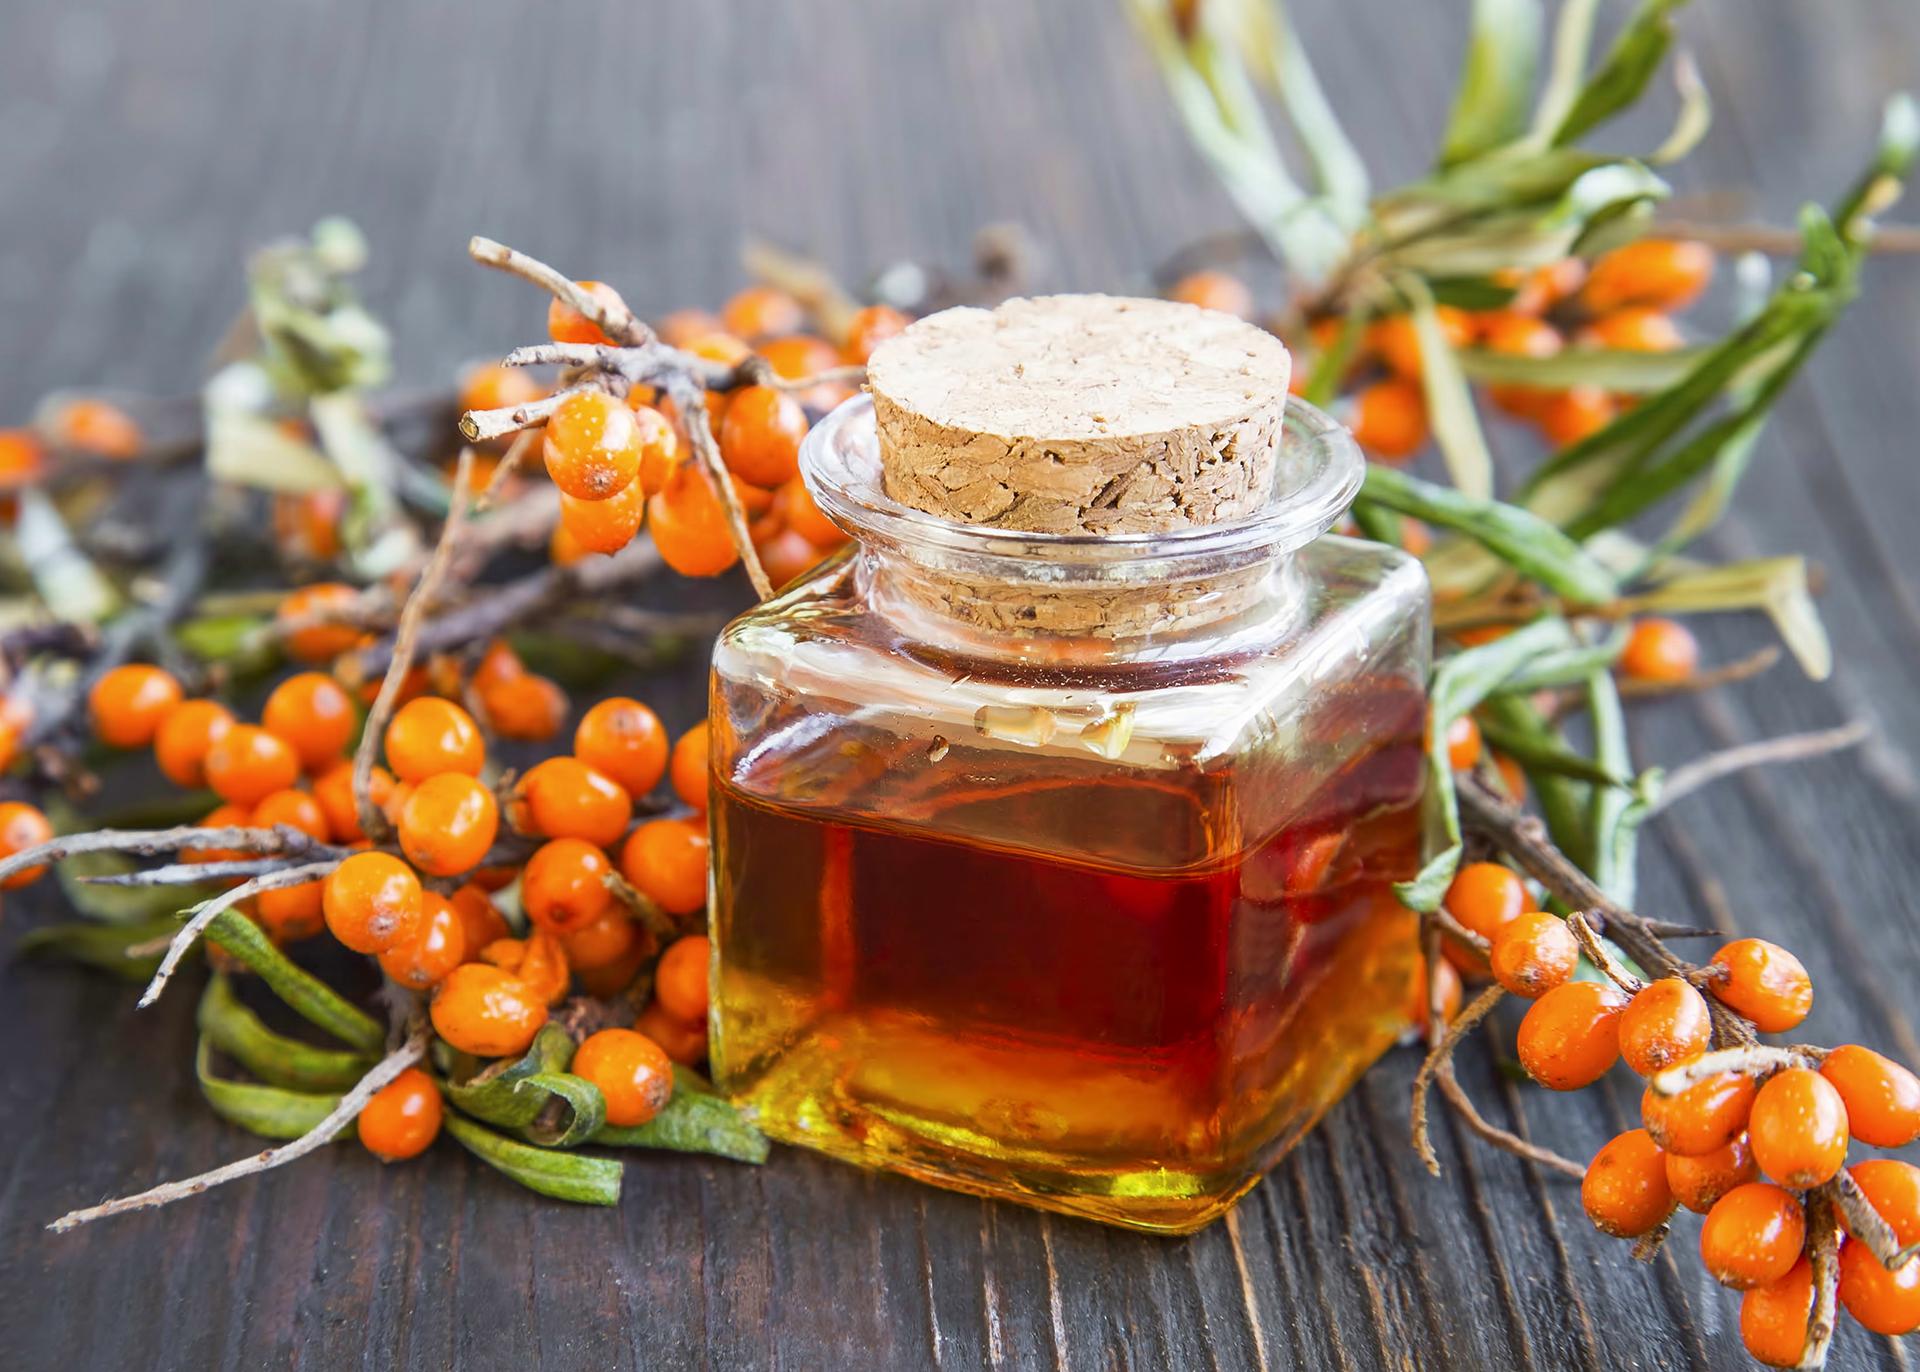 Seabuckthorn-Pulp-Oil_Henry-Lamotte-Oils